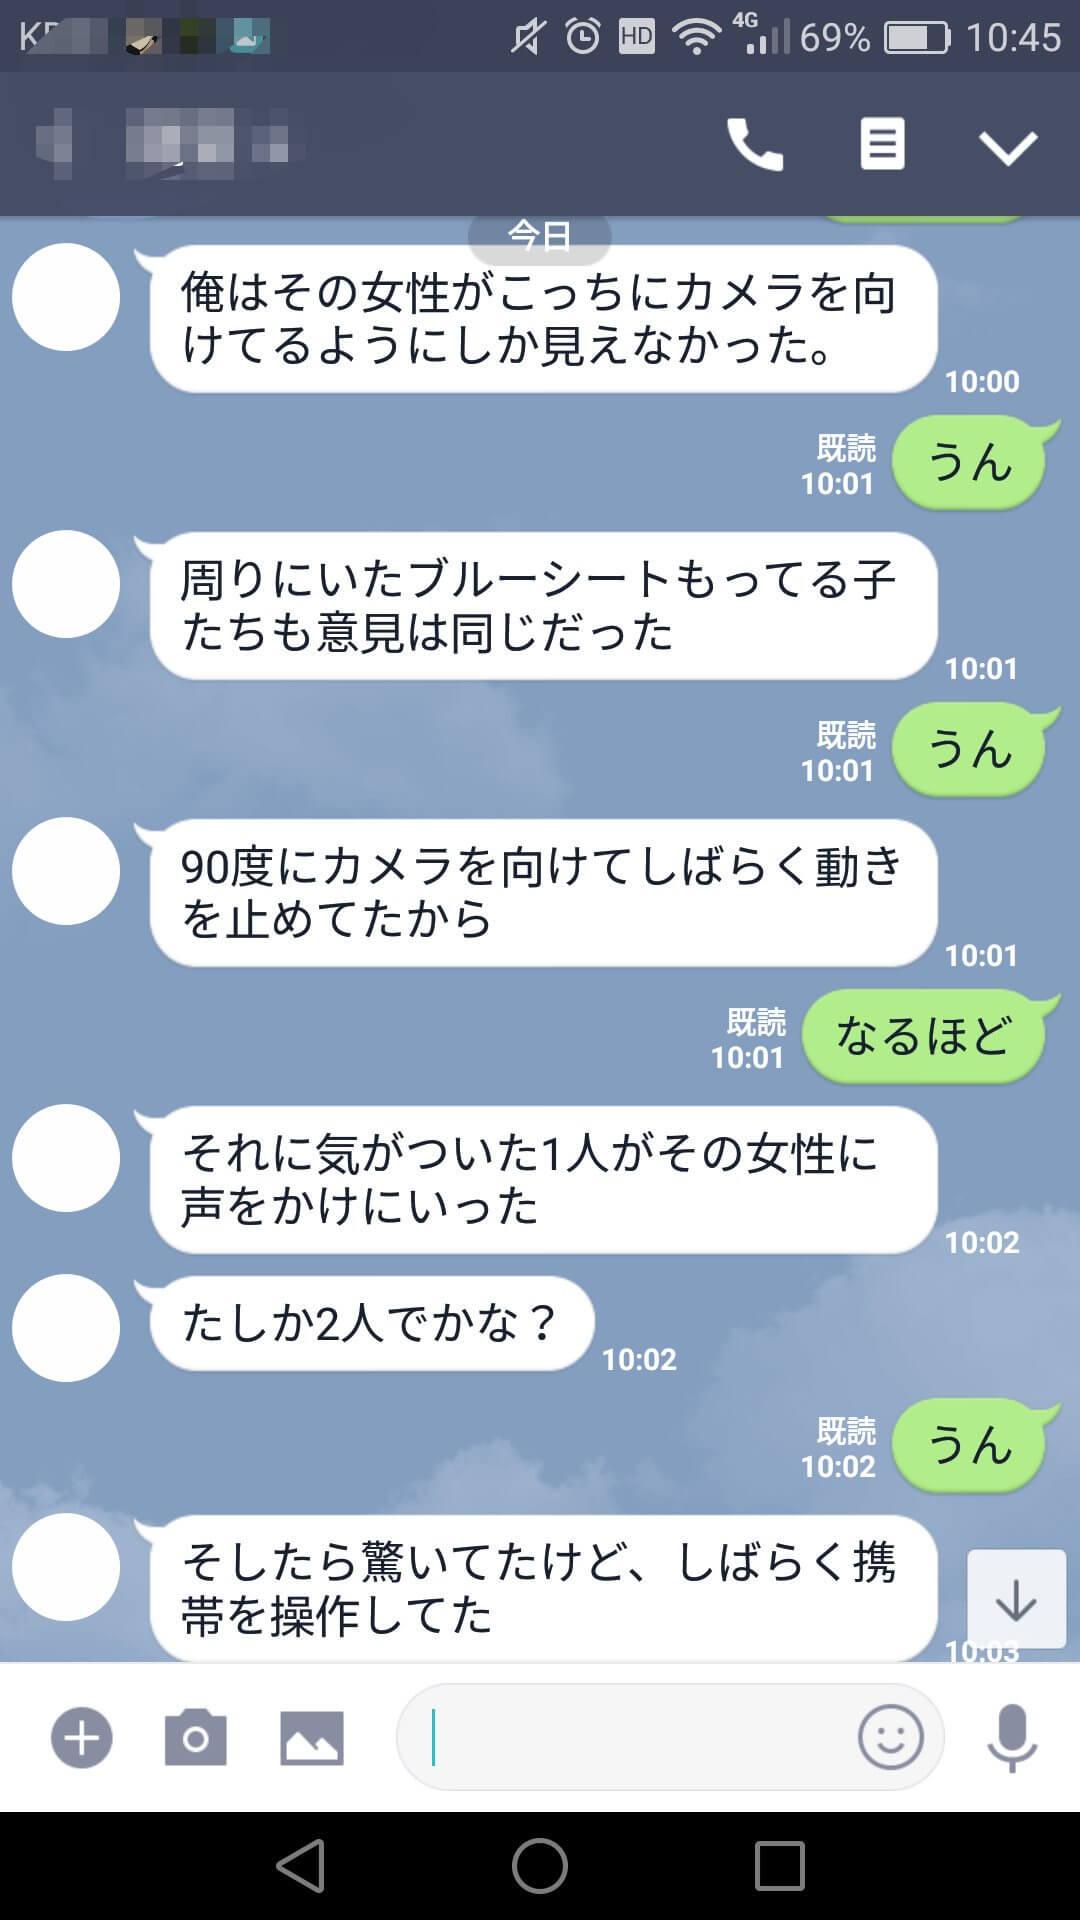 新橋駅前SL広場の騒動についてさなさん(@sana_seria)が関係者に事実関係を確認したキャプチャ画像3